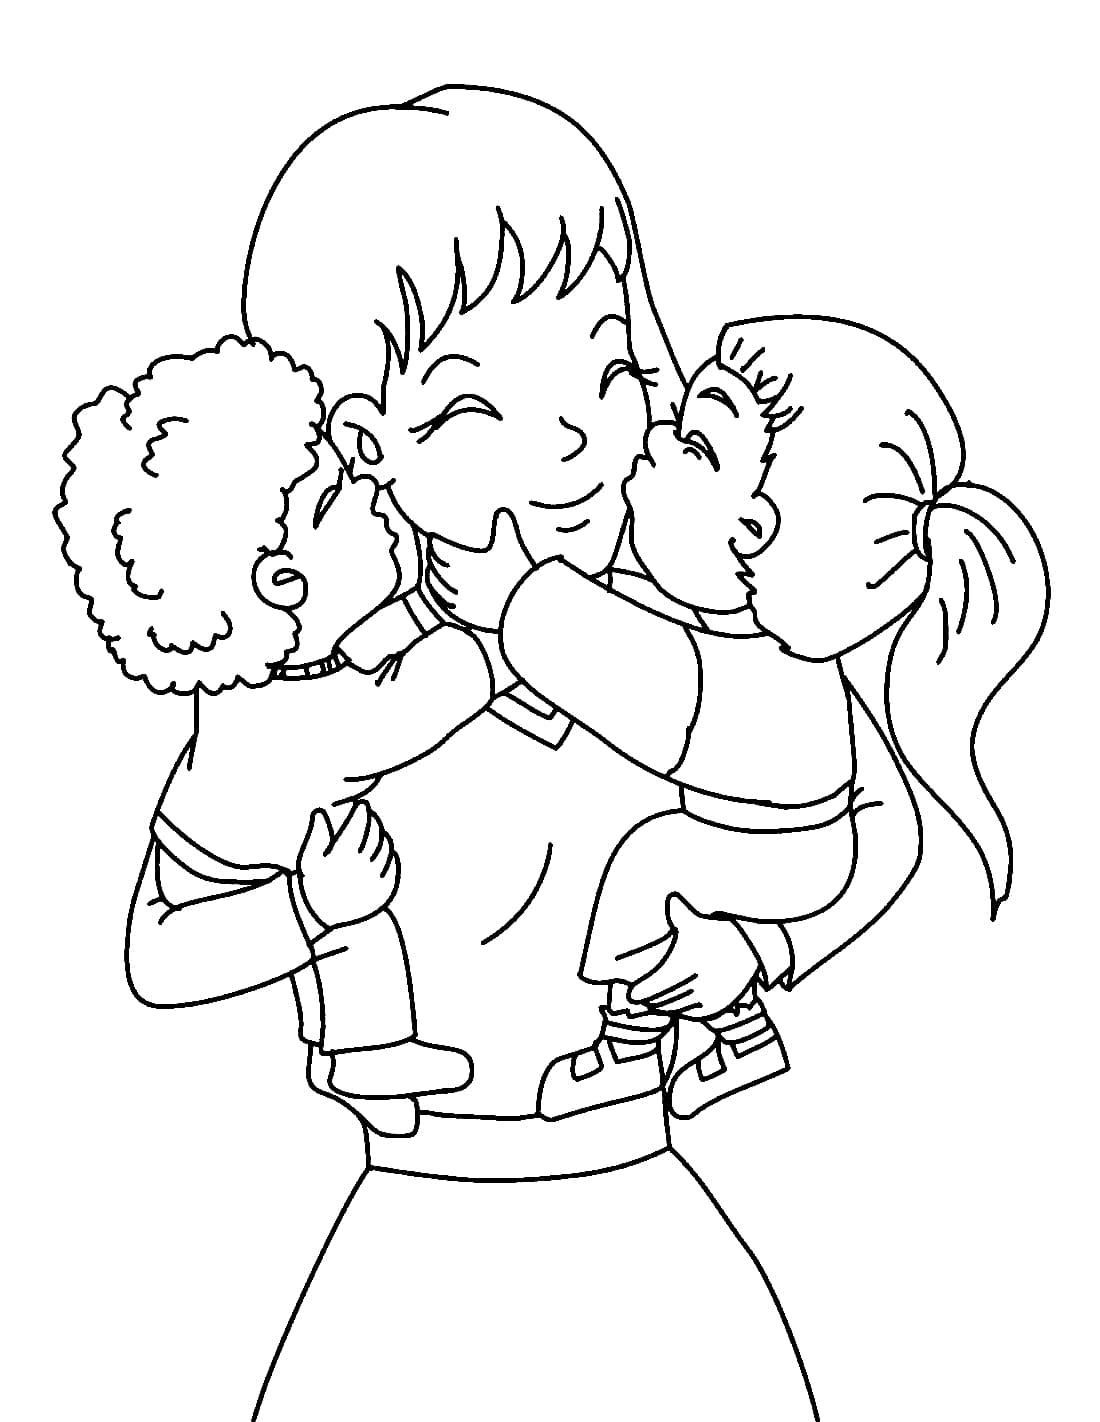 Рисунок для мамы для детей, смешные картинки поэтапно